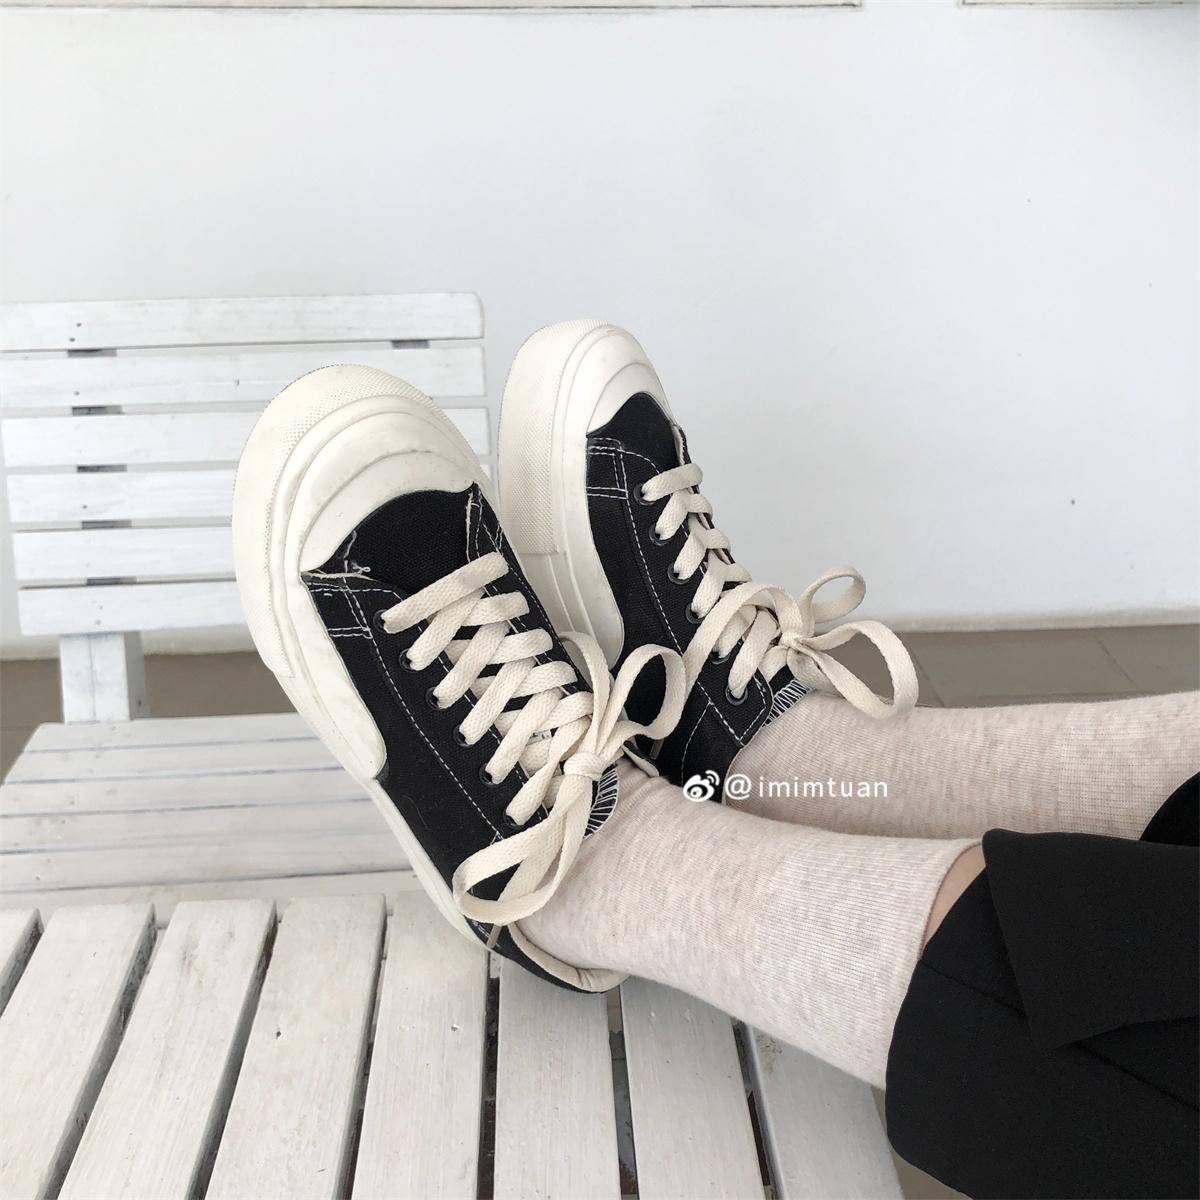 原宿运动鞋女夏 ulzzang 韩版复古港风帆布鞋低帮百搭 2019 陆小团团